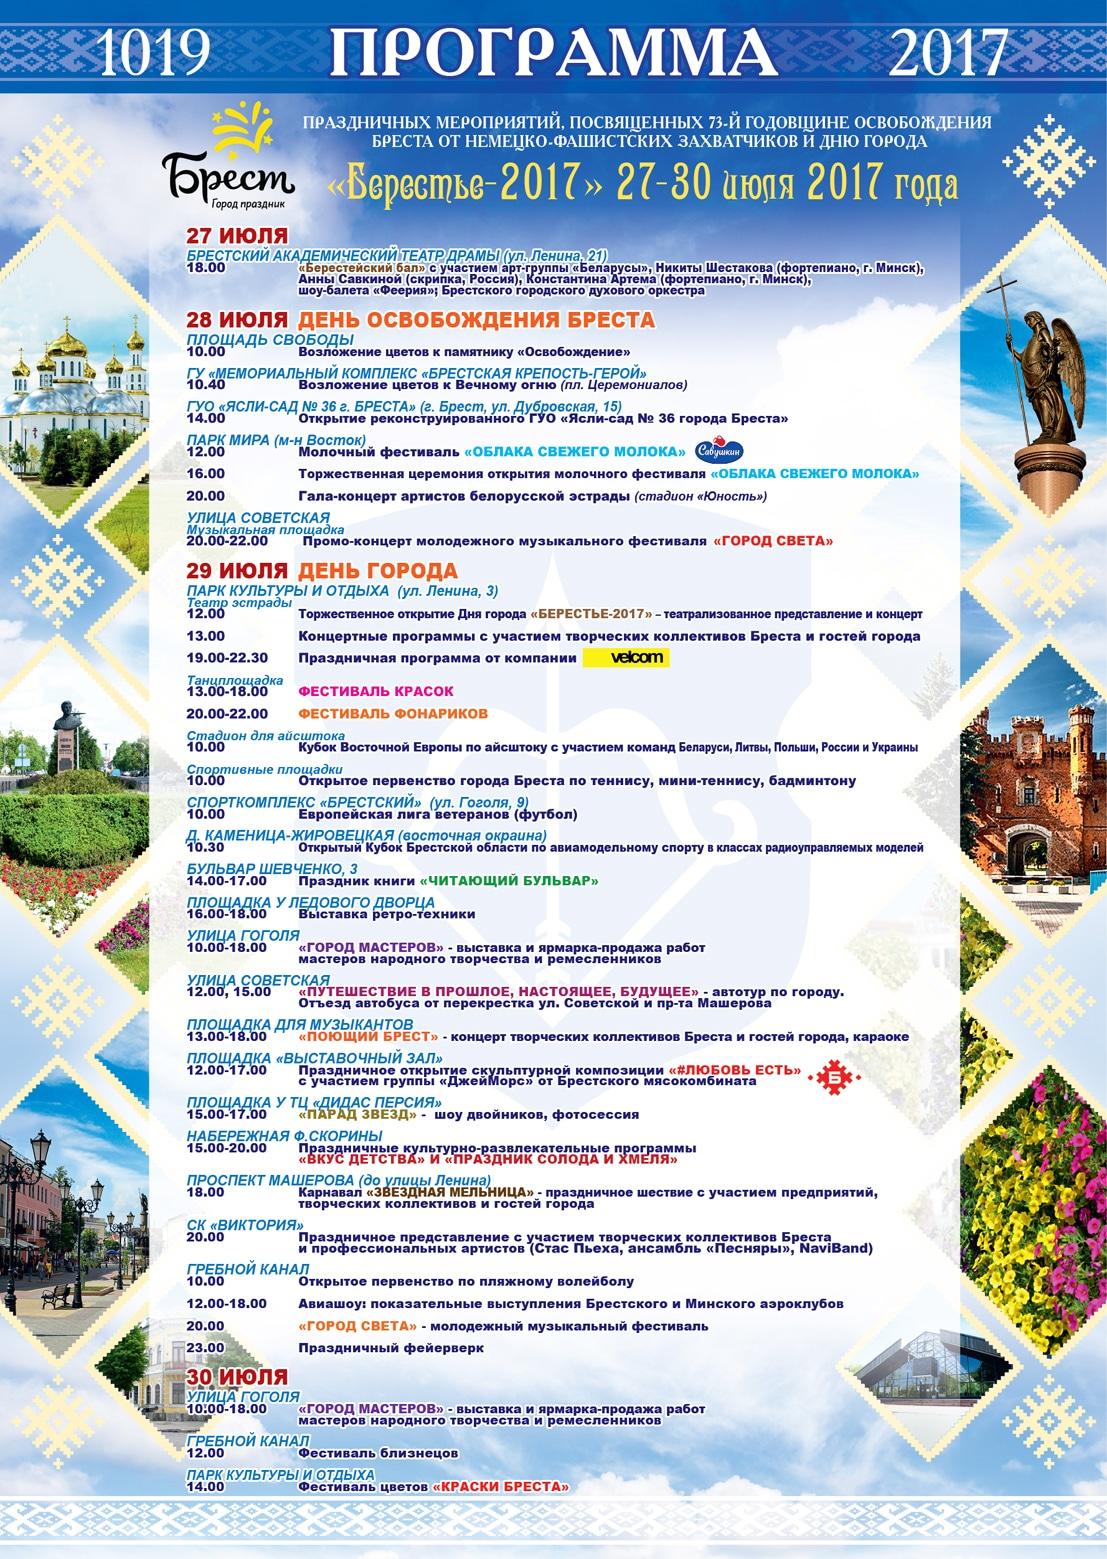 День города Брест 29 и 30 июля 2017 года - программа мероприятий, когда салют